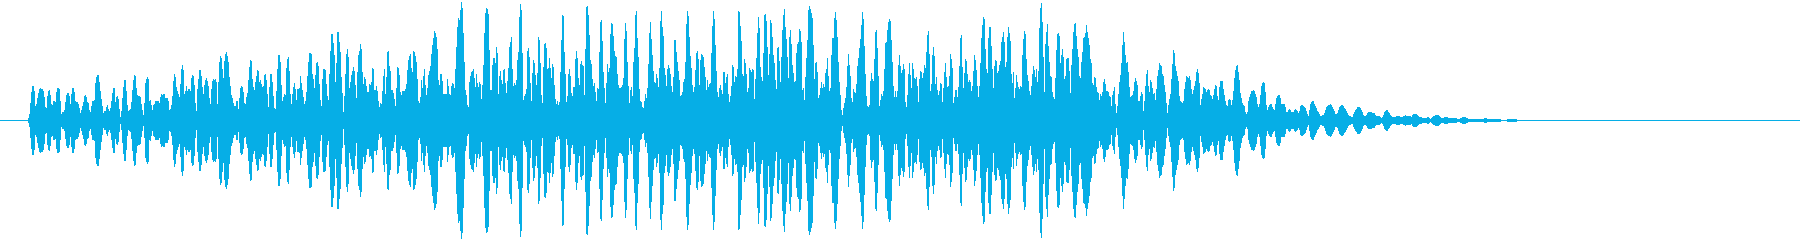 グォォッ(モンスター、鳴き声、唸り声)の再生済みの波形